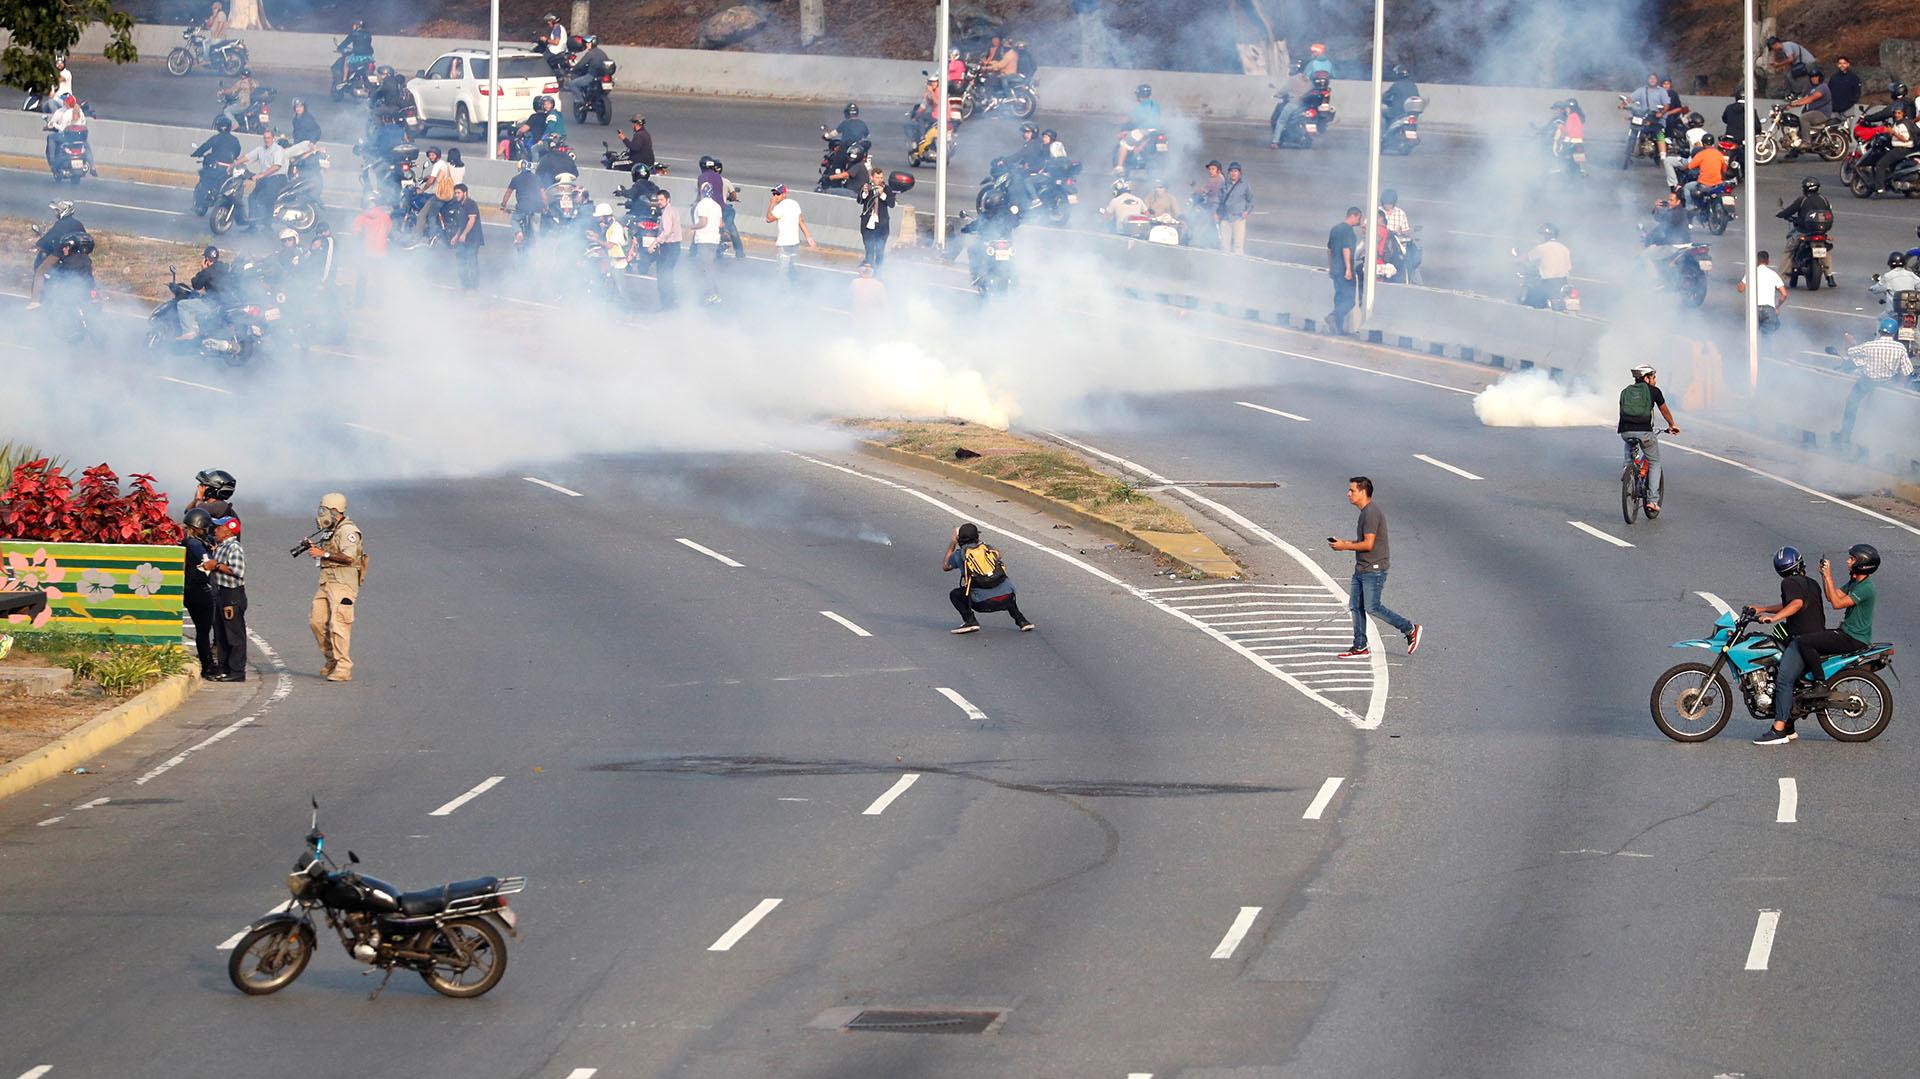 """El presidente encargado de VenezuelaJuan Guaidó, acompañado del líder opositor Leopoldo López, lanzaron la """"fase final de la Operación Libertad"""" rodeados de militares y convocaron al pueblo a la base aérea La Carlota."""